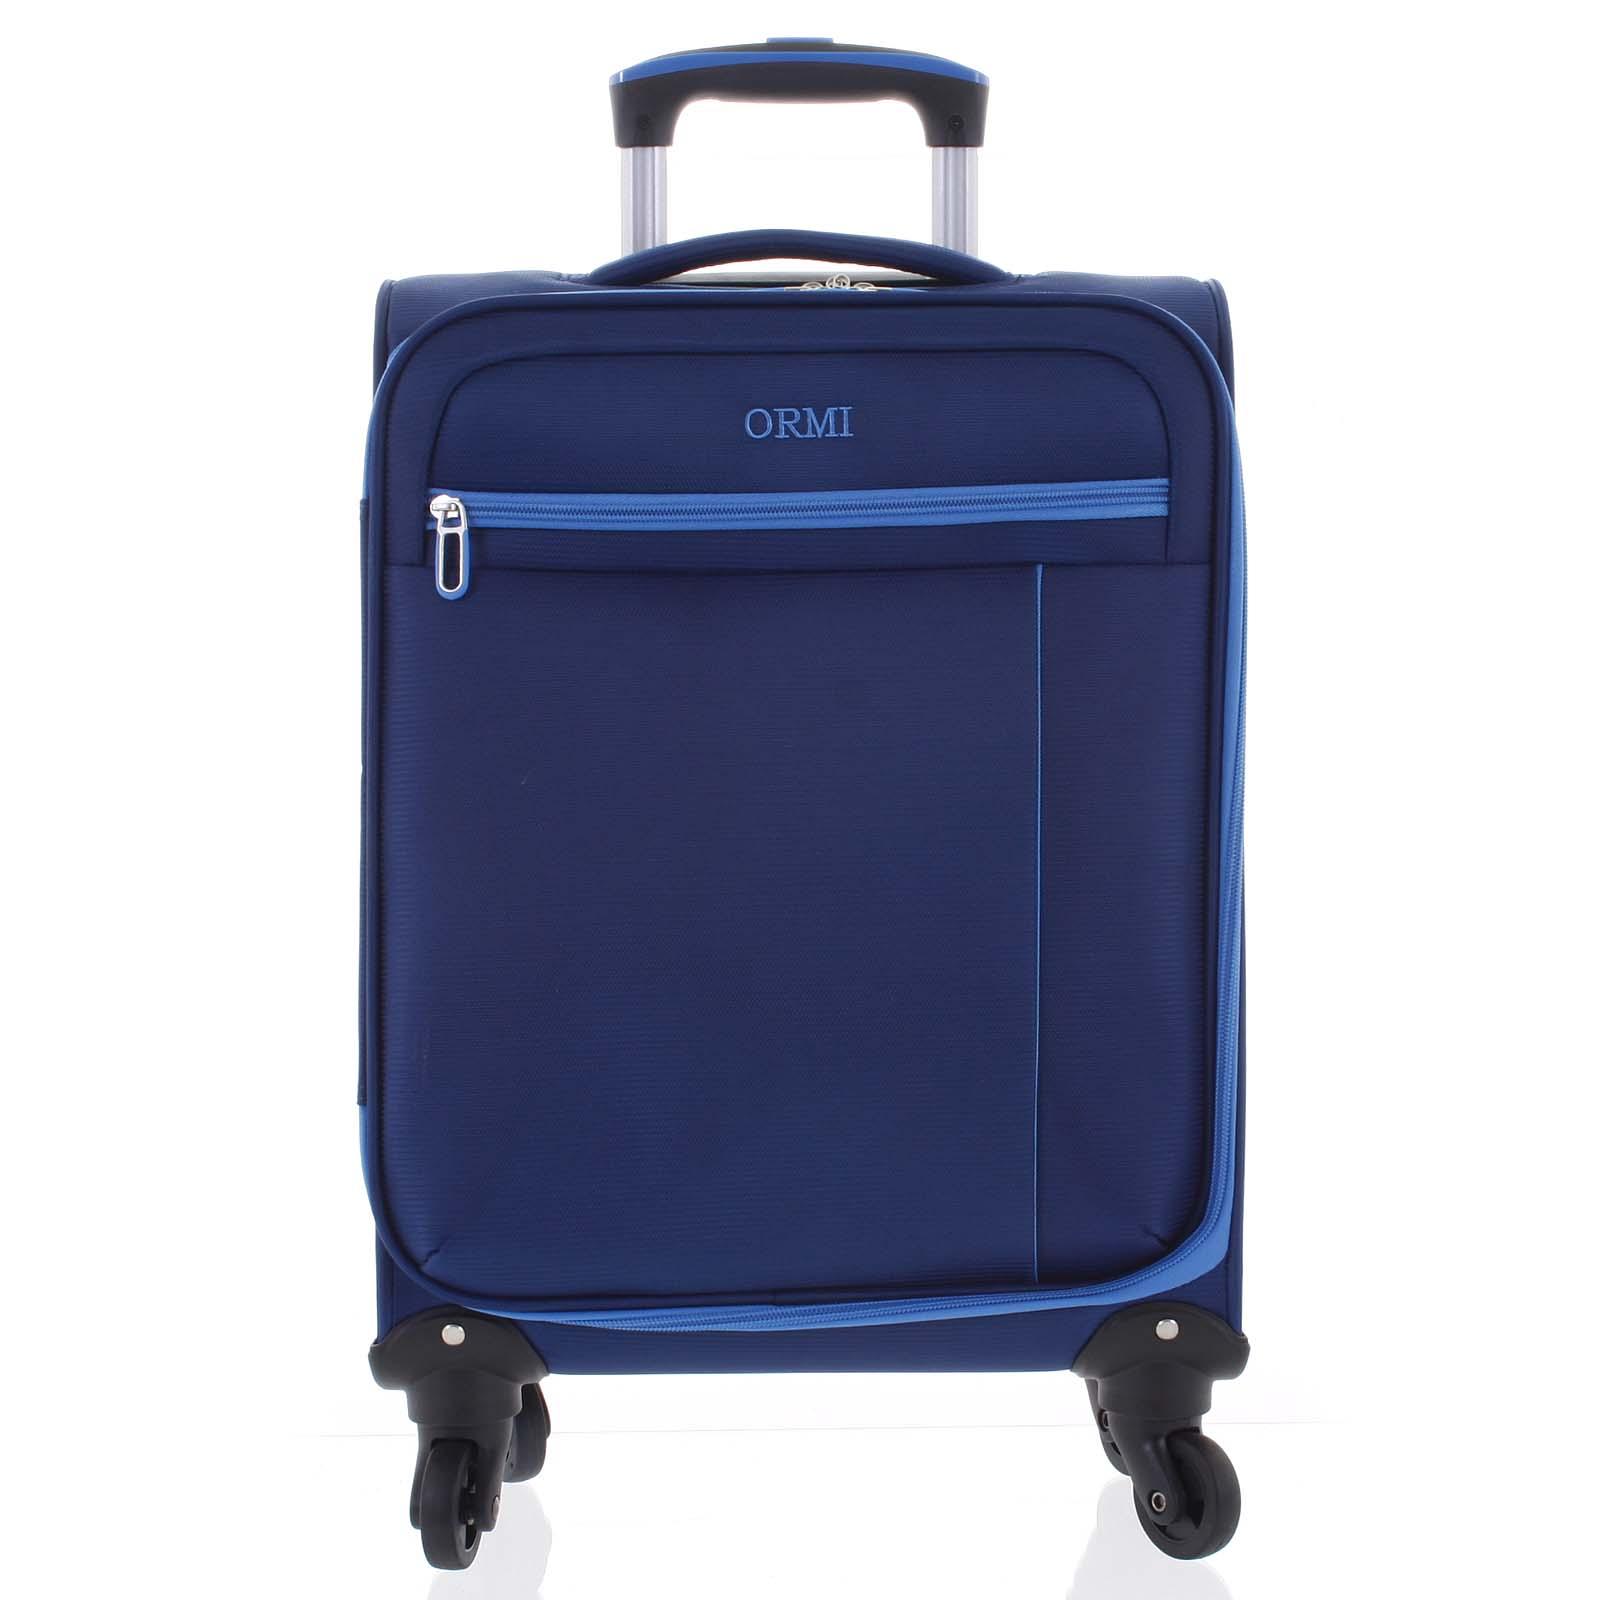 Levně Kvalitní elegantní látkový modrý cestovní kufr - Ormi Mada L